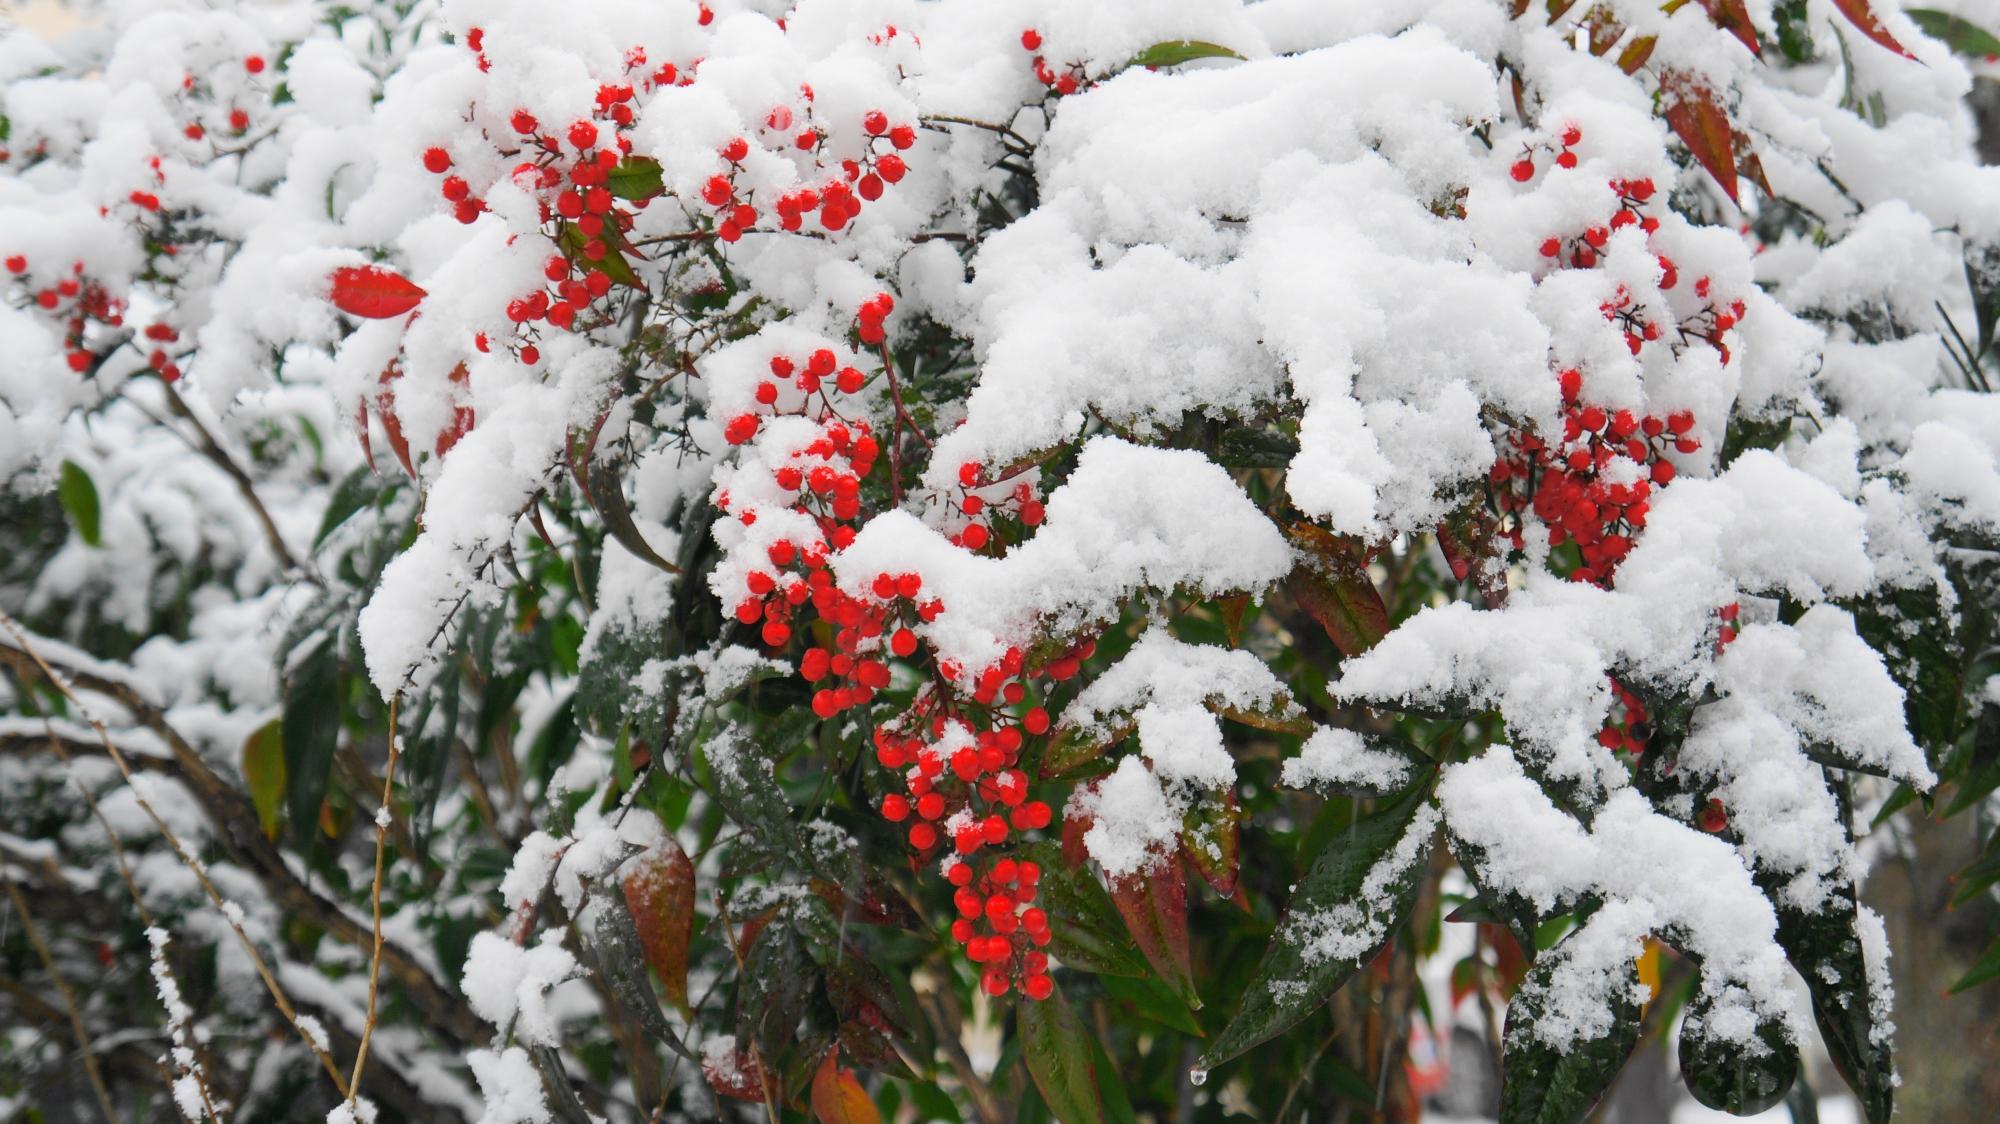 白い雪をかぶった南天の赤い実